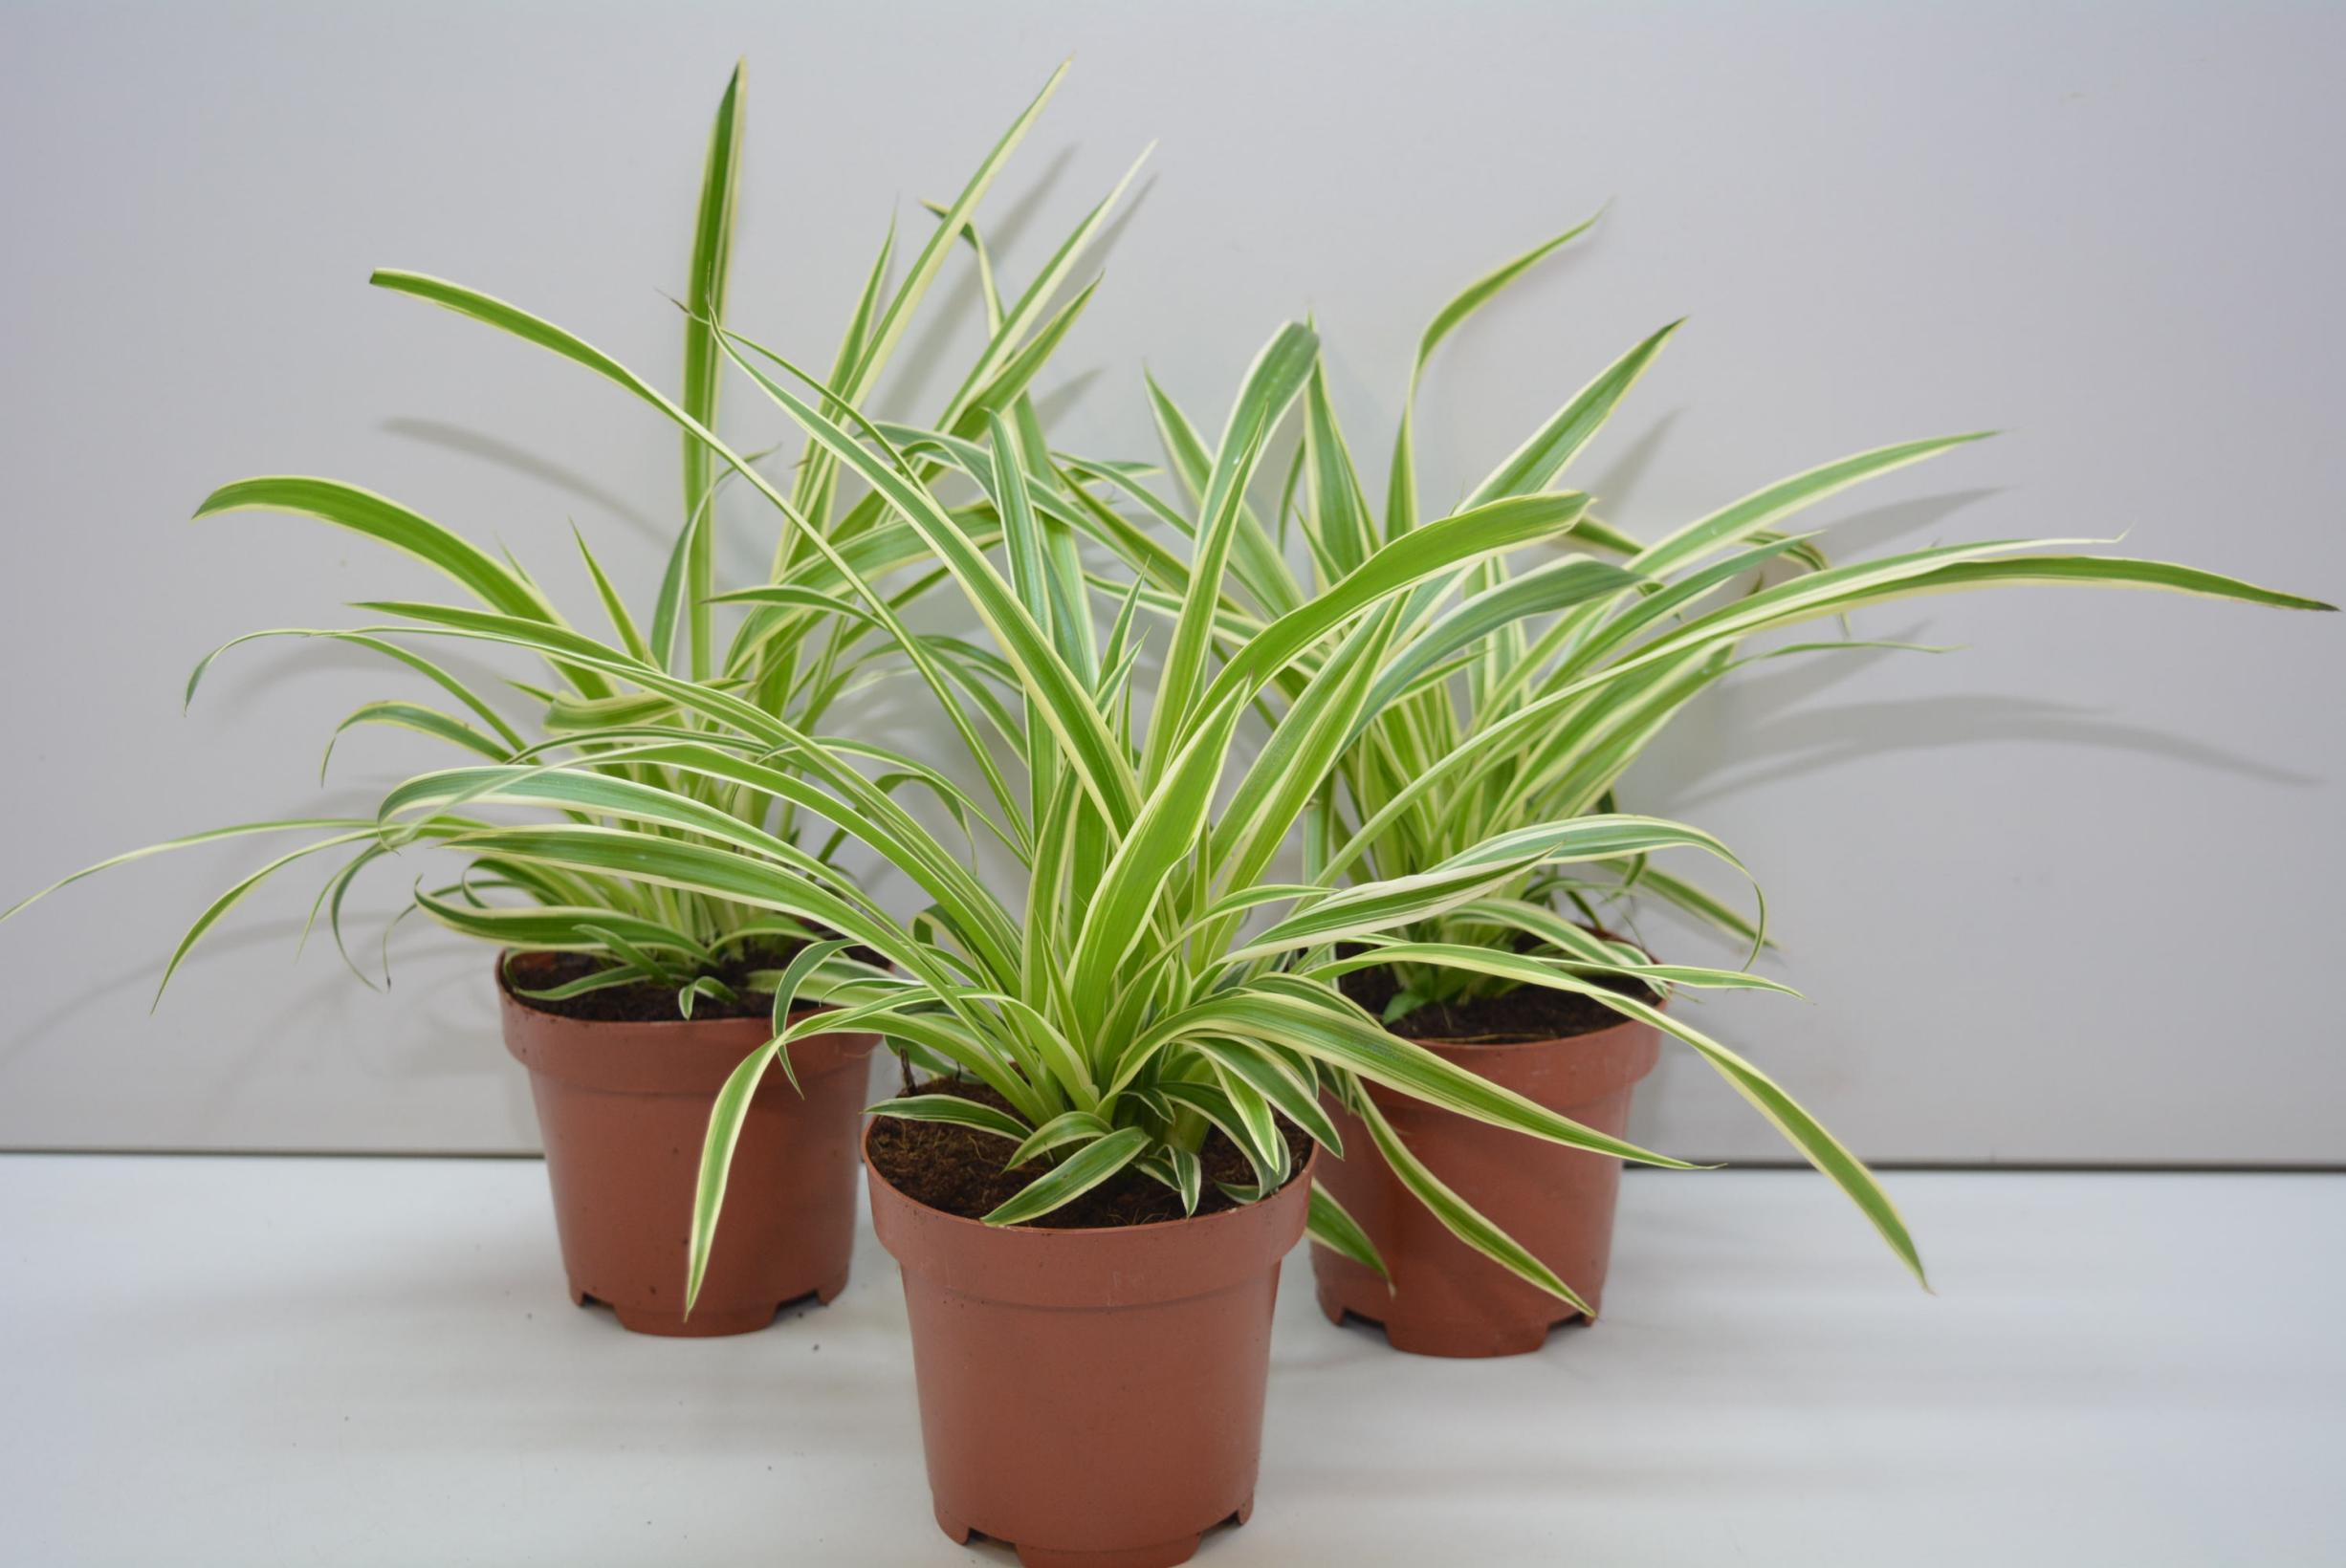 5 комнатных растений которые полезно иметь в доме